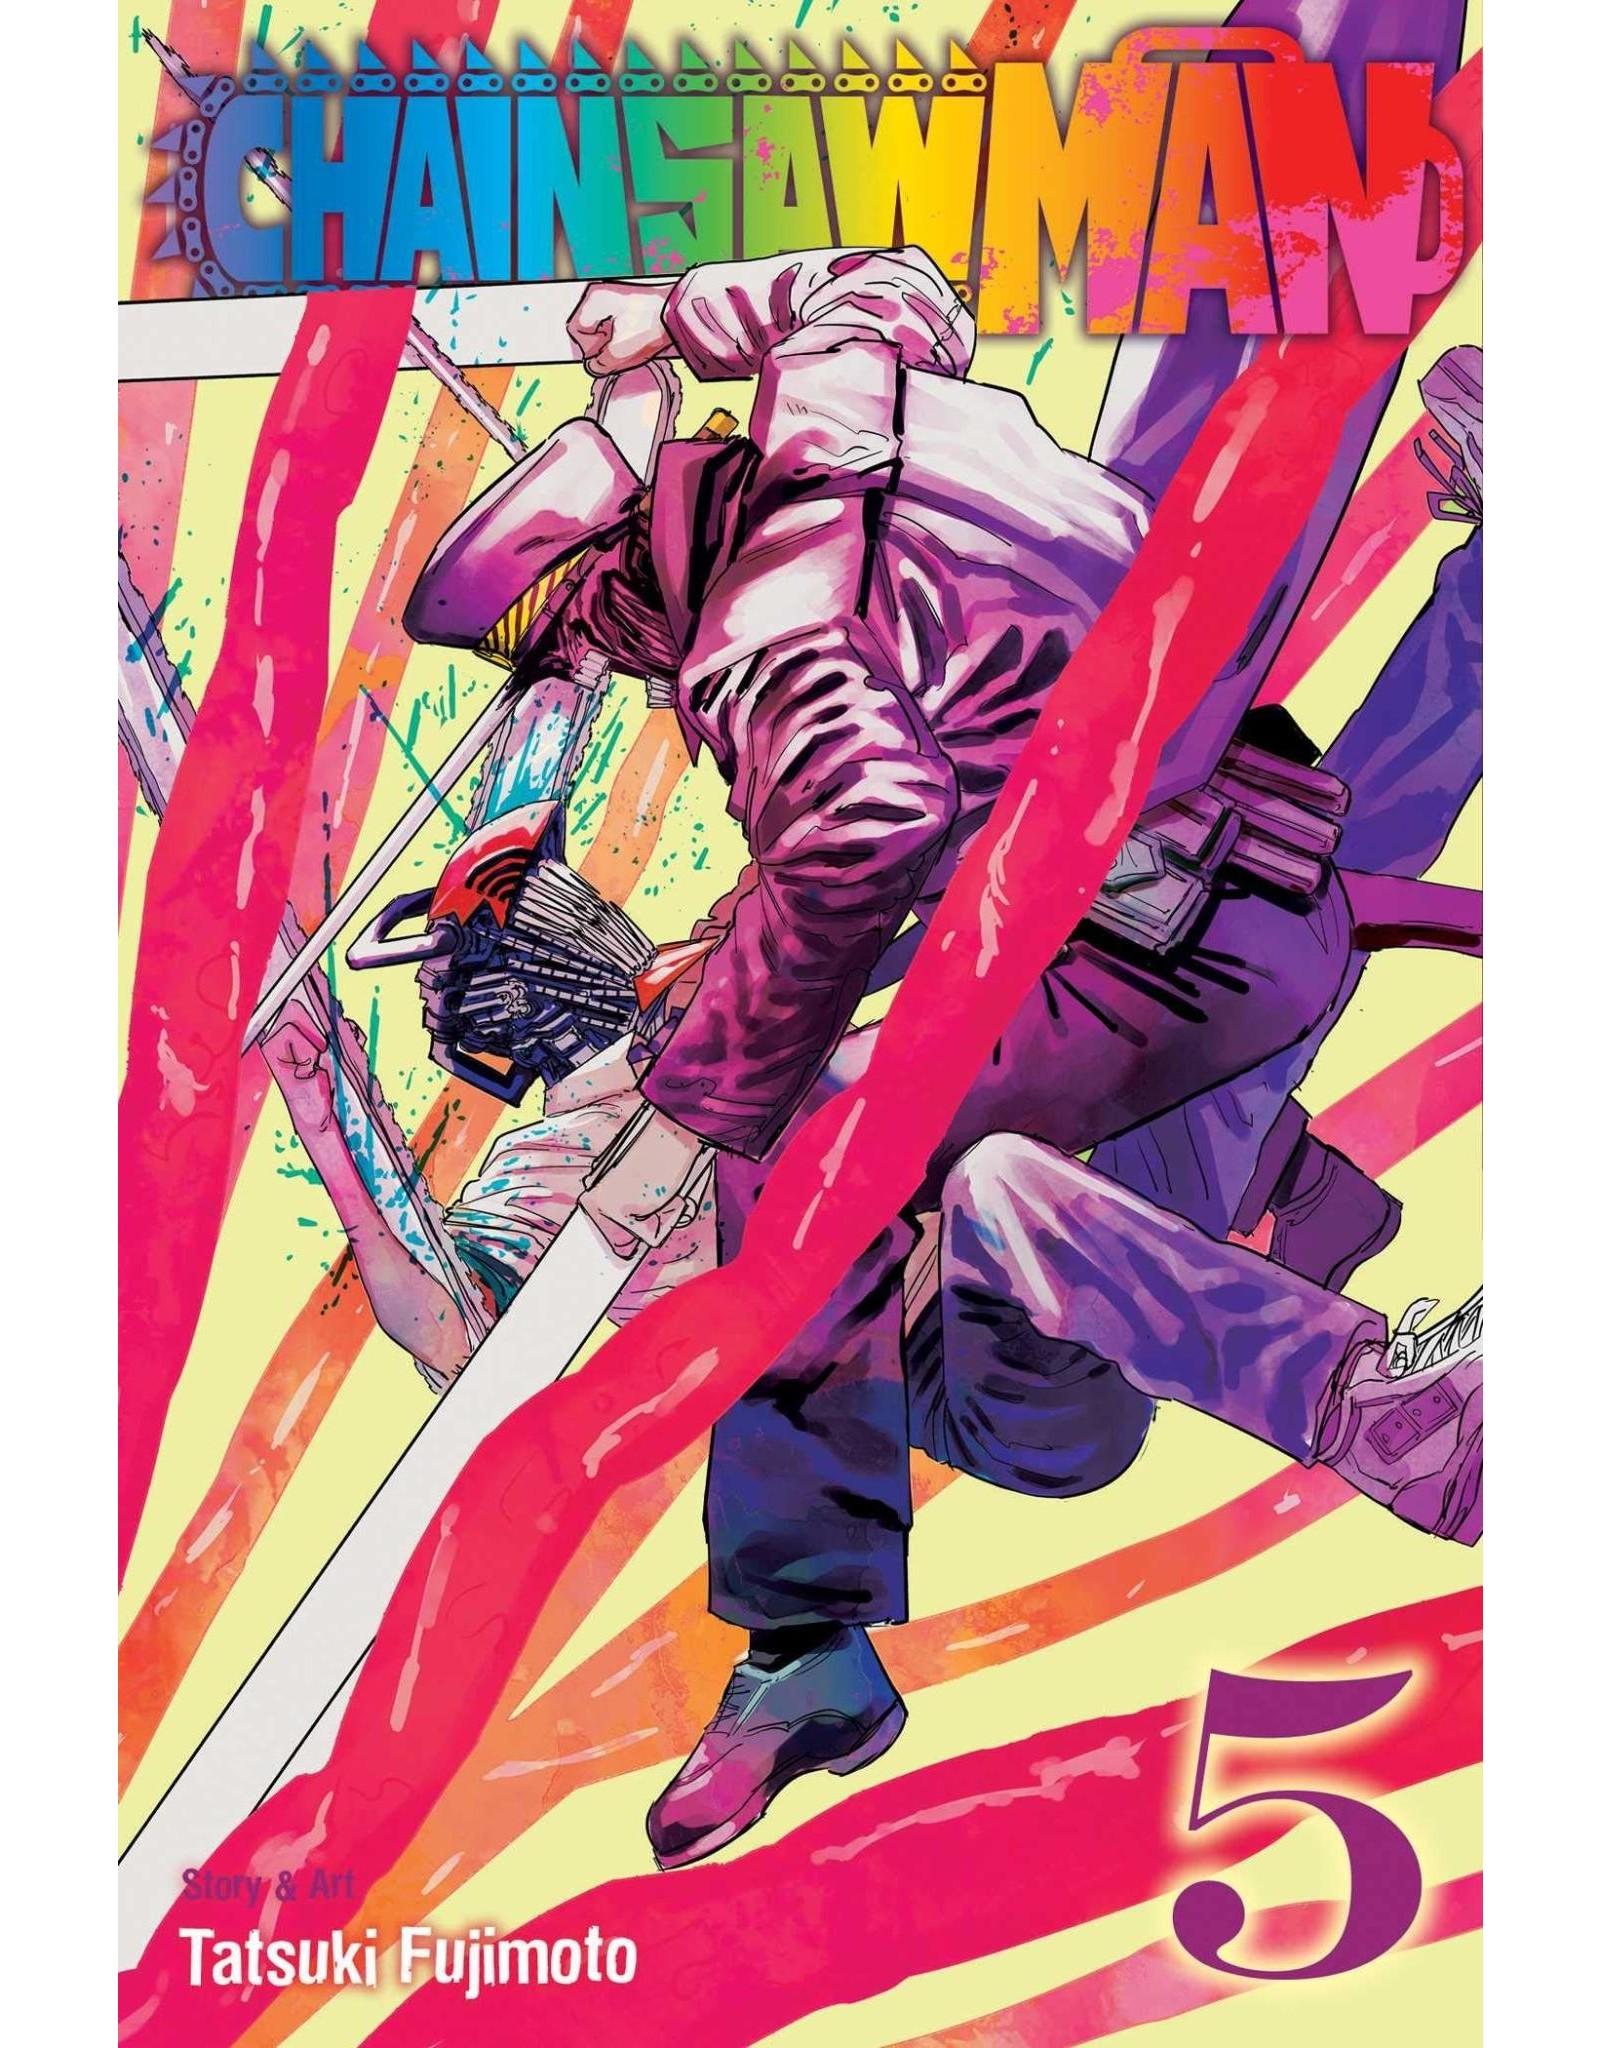 Chainsaw Man 5 (English) - Manga